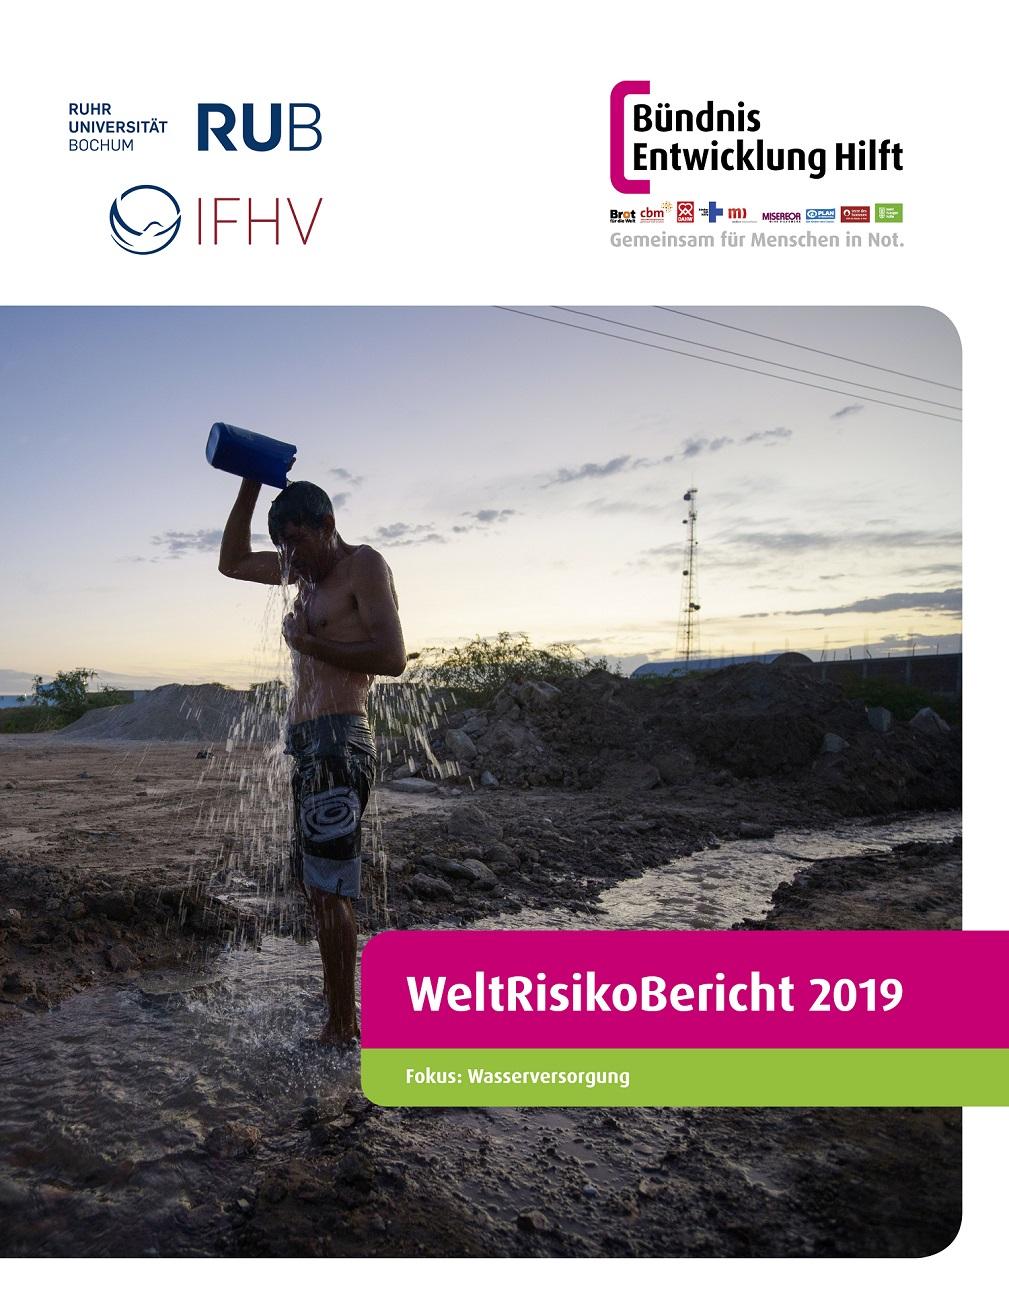 Cover für den Weltrisikobericht 2019